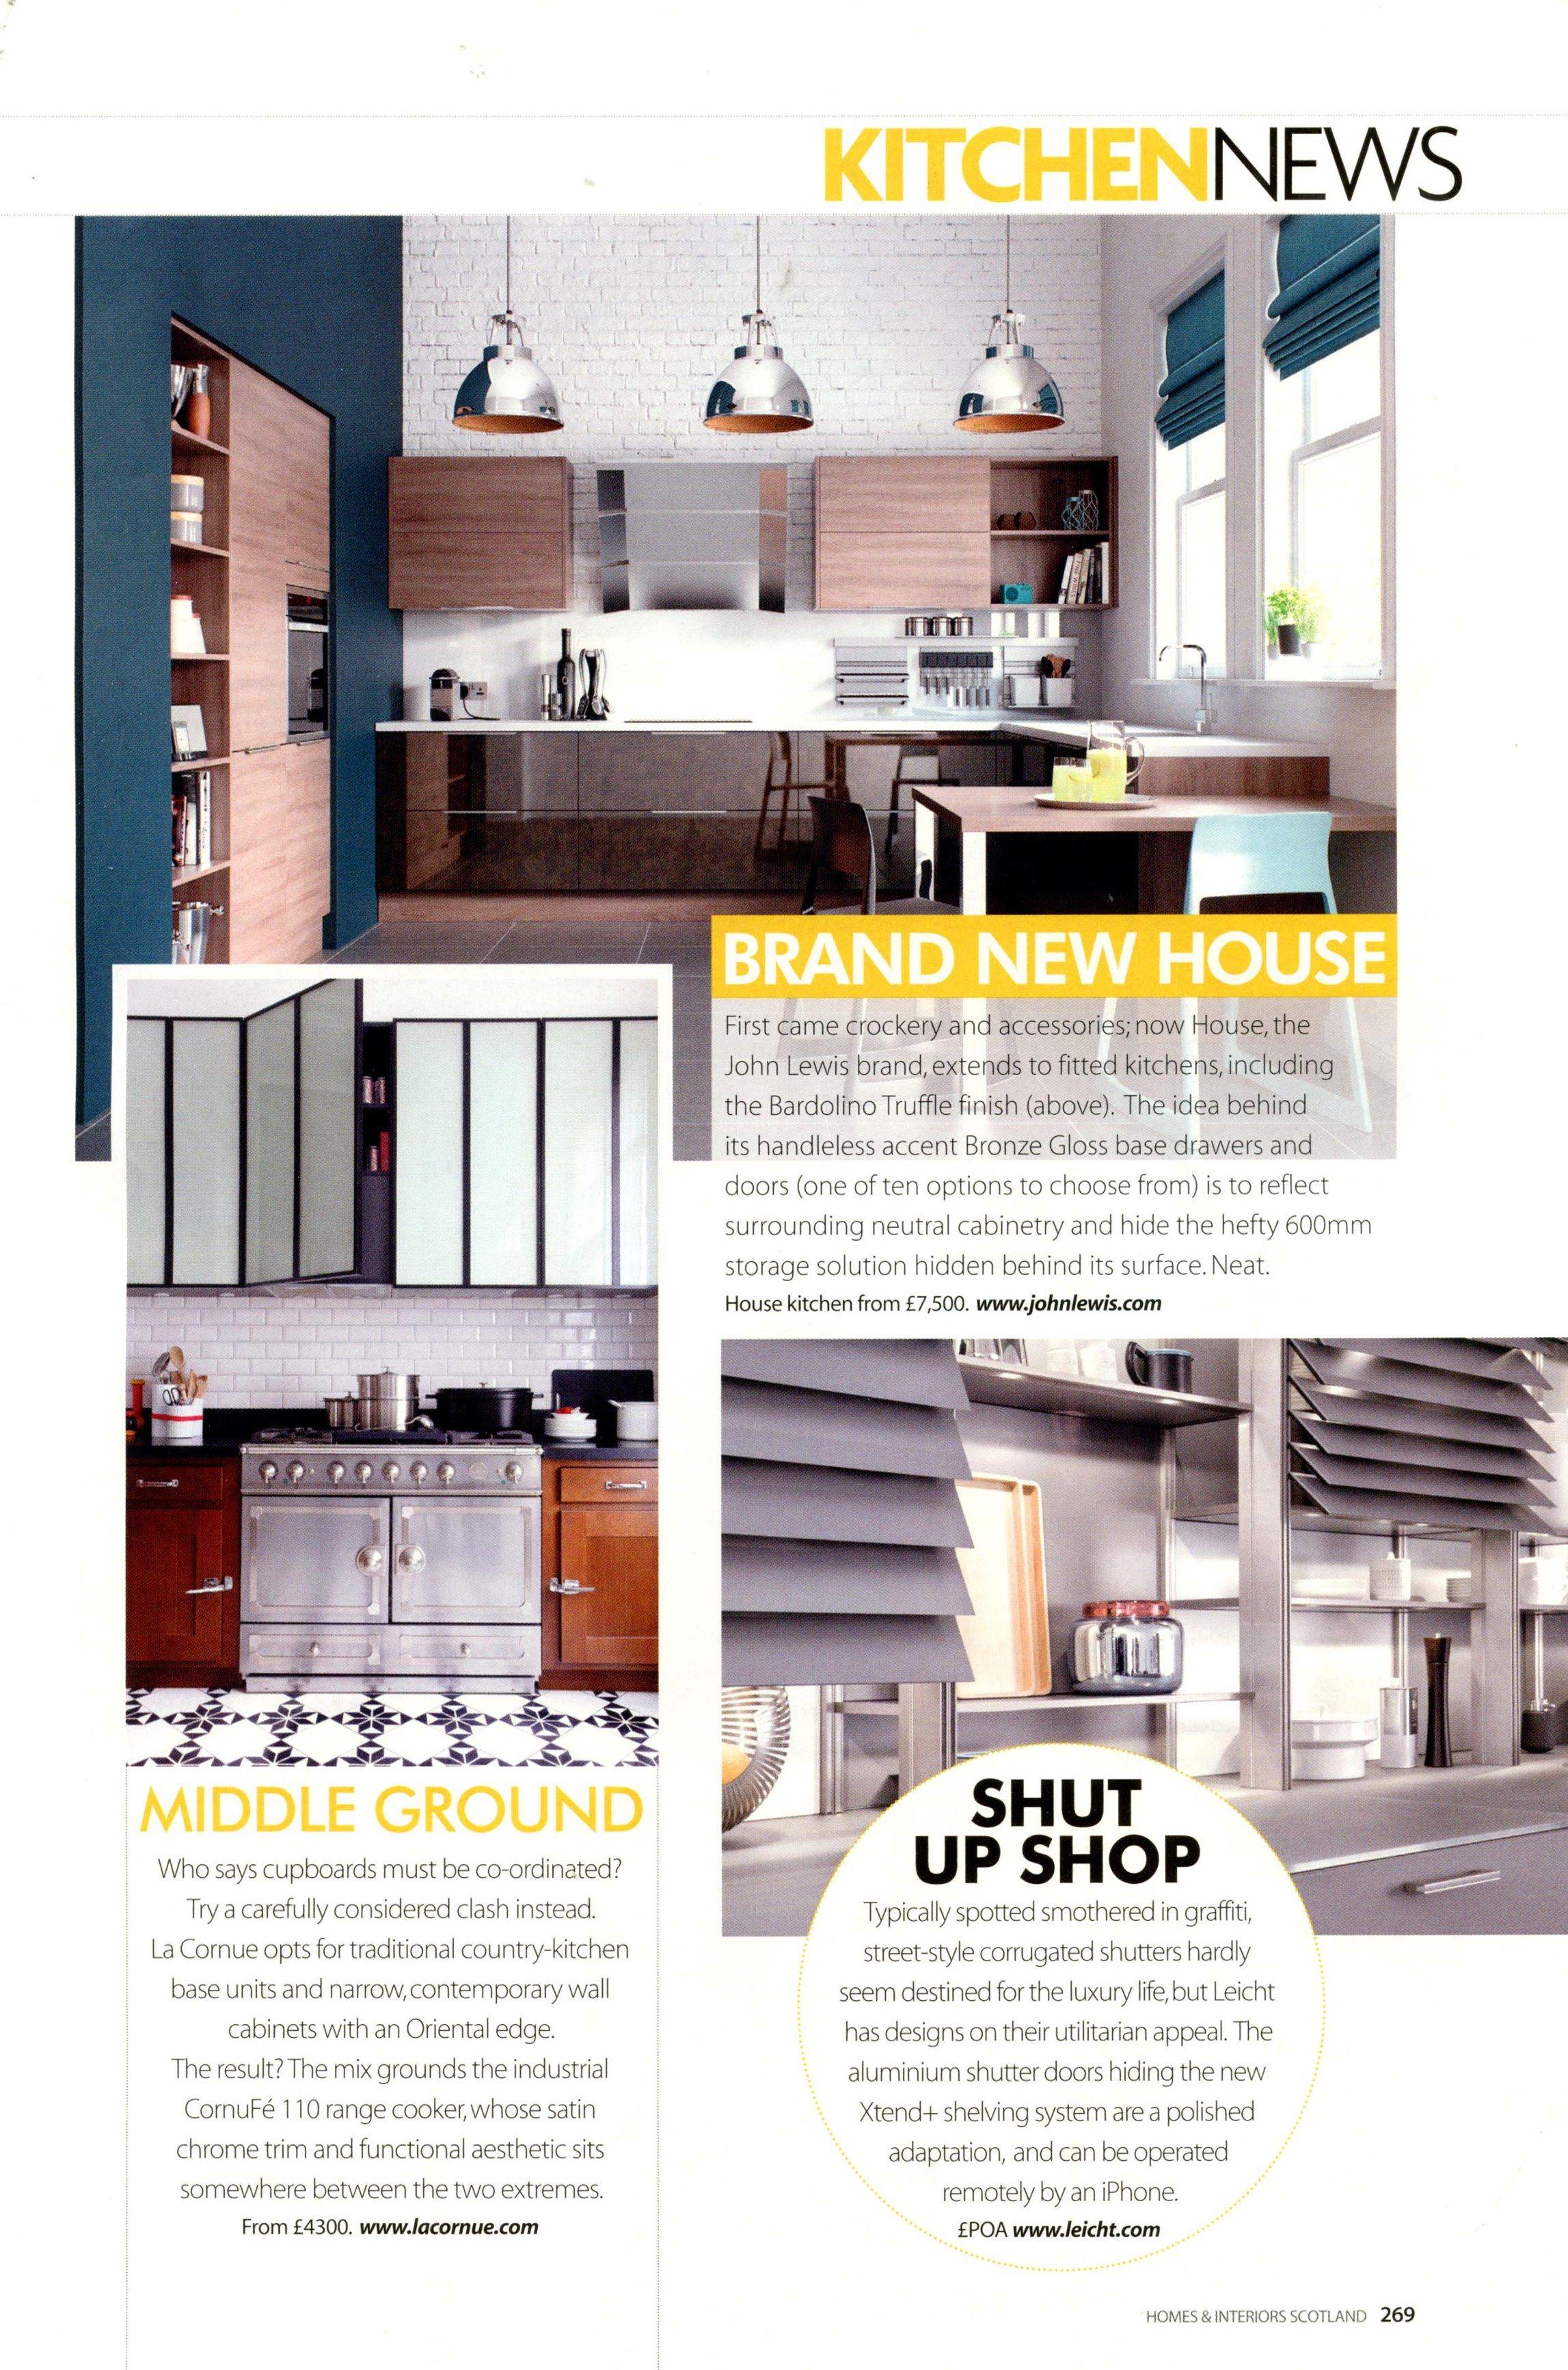 la cornue 39 s cornufe 110 range cooker in silver. Black Bedroom Furniture Sets. Home Design Ideas